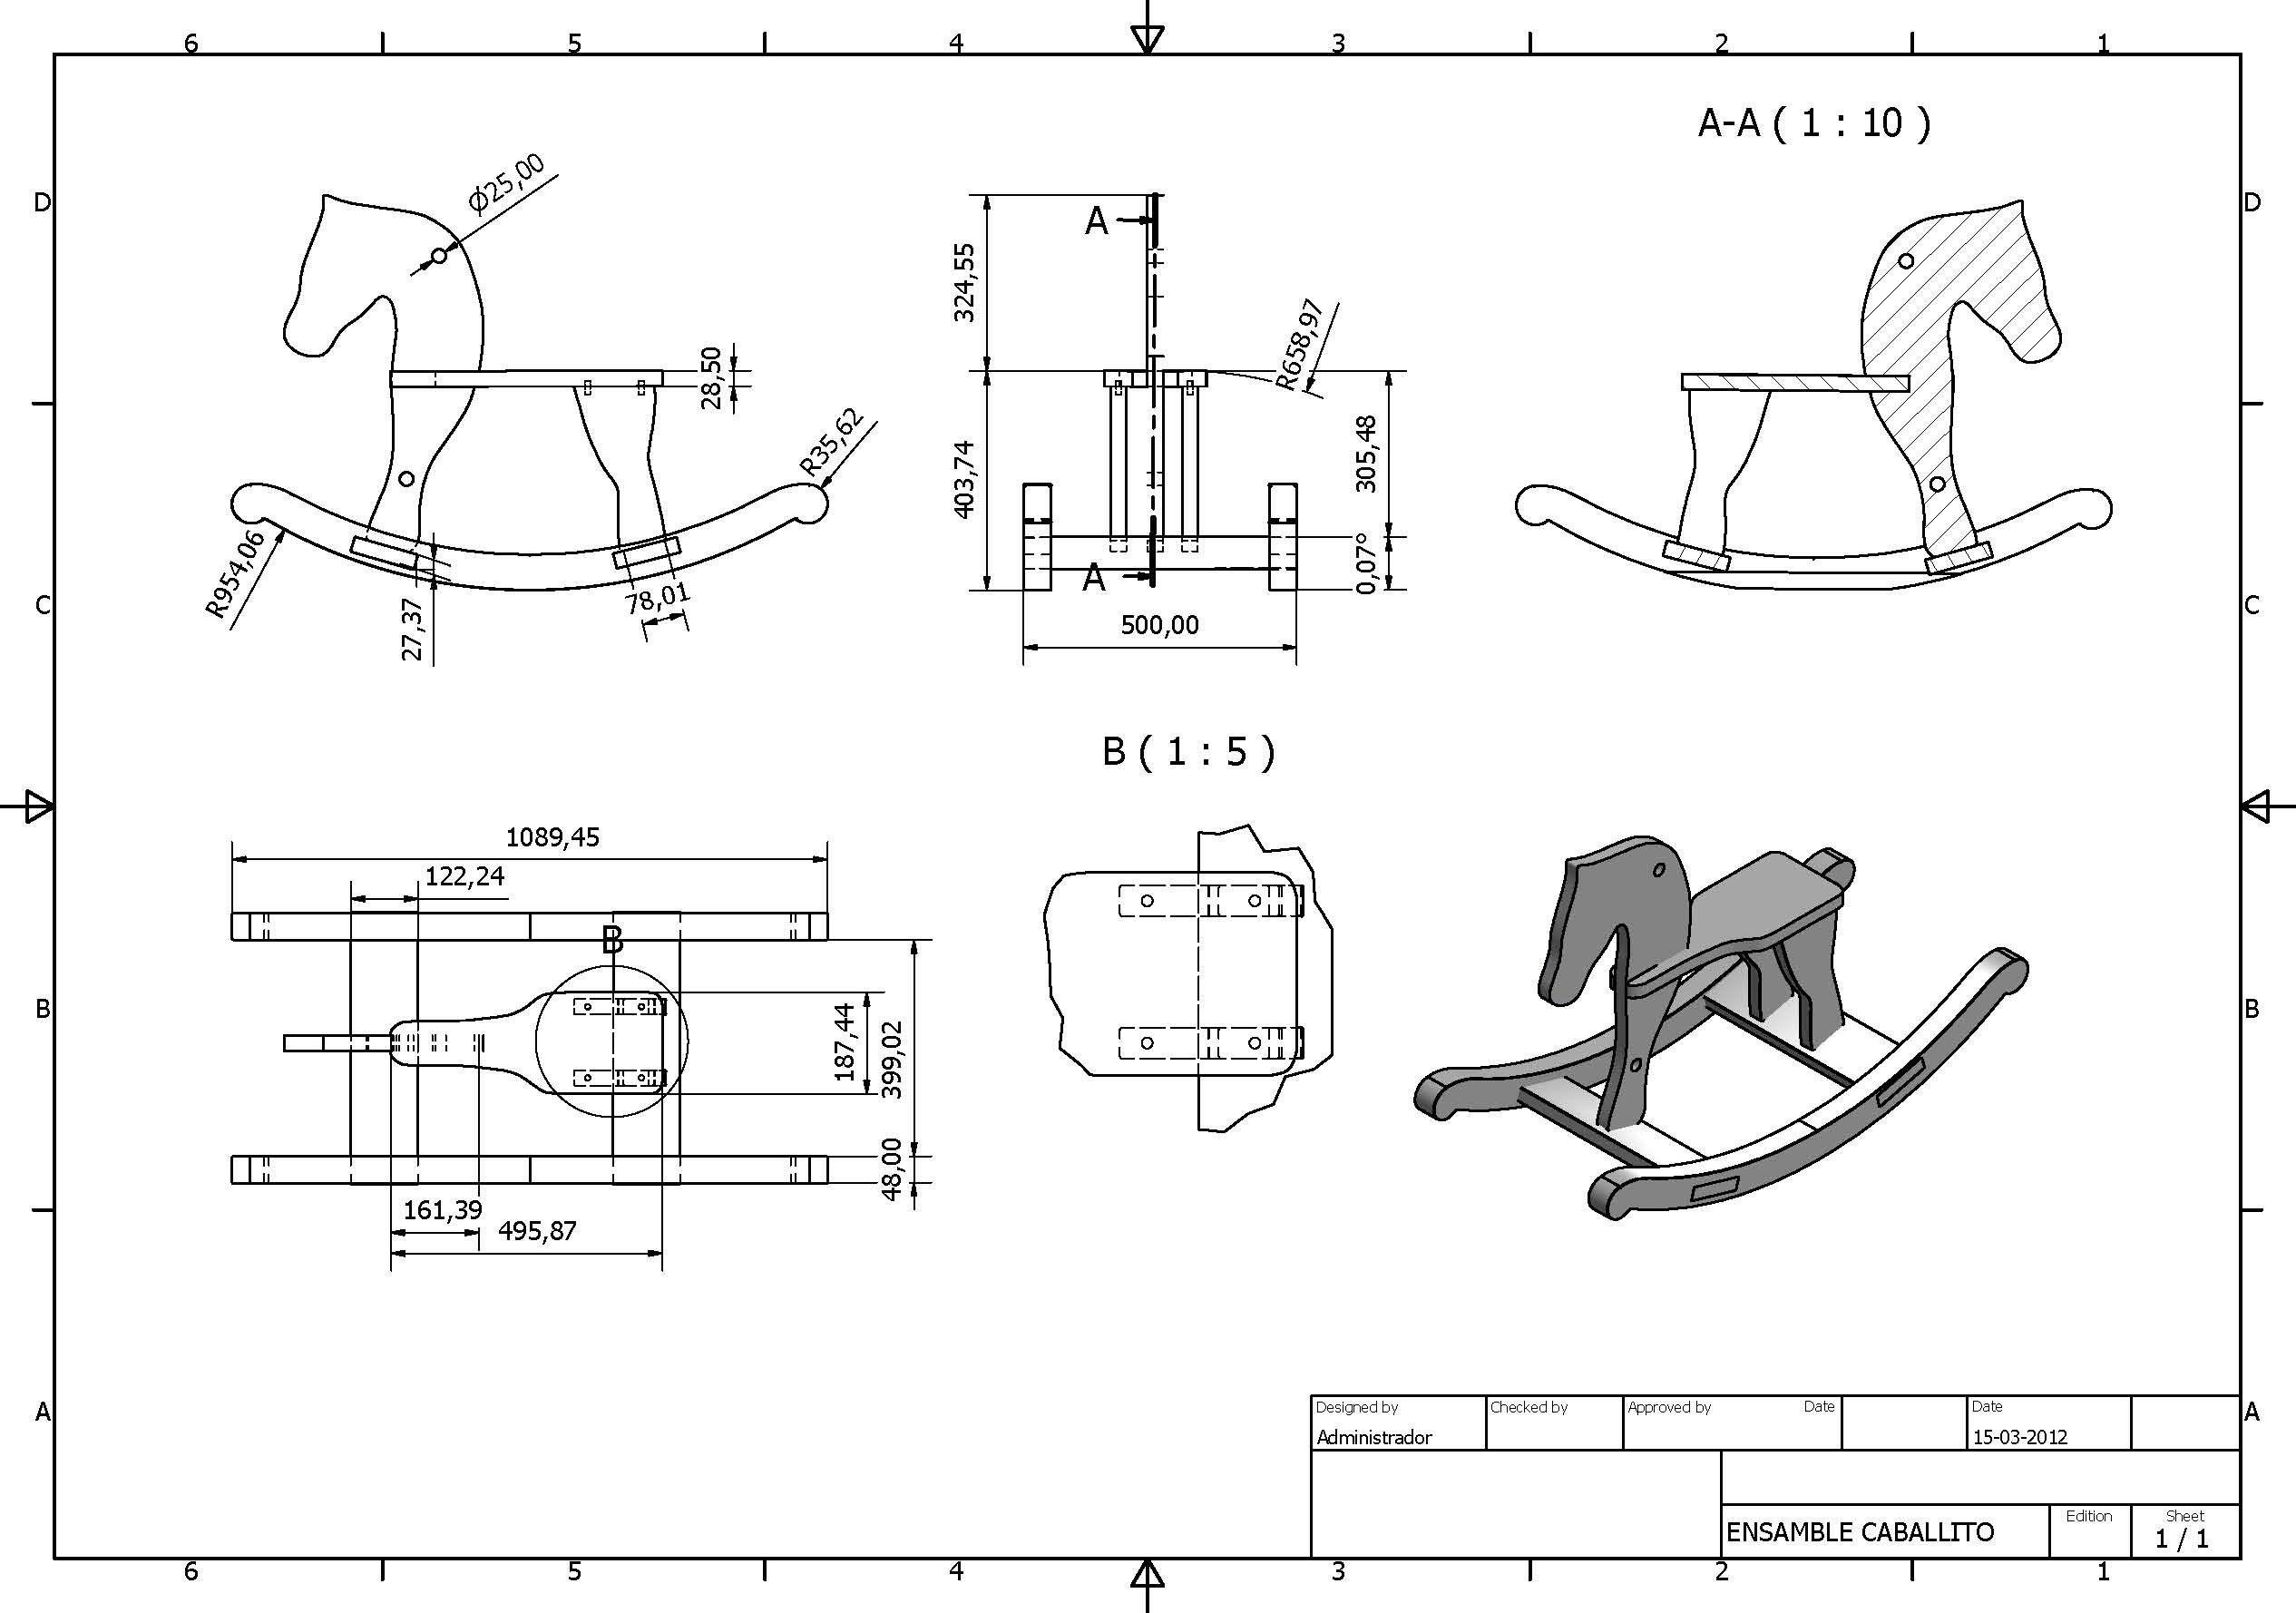 Кресло-качалка из дерева своими руками (18 фото): как сделать чертежи и подобрать размер? ход работ по изготовлению деревянного кресла-качалки в домашних условиях